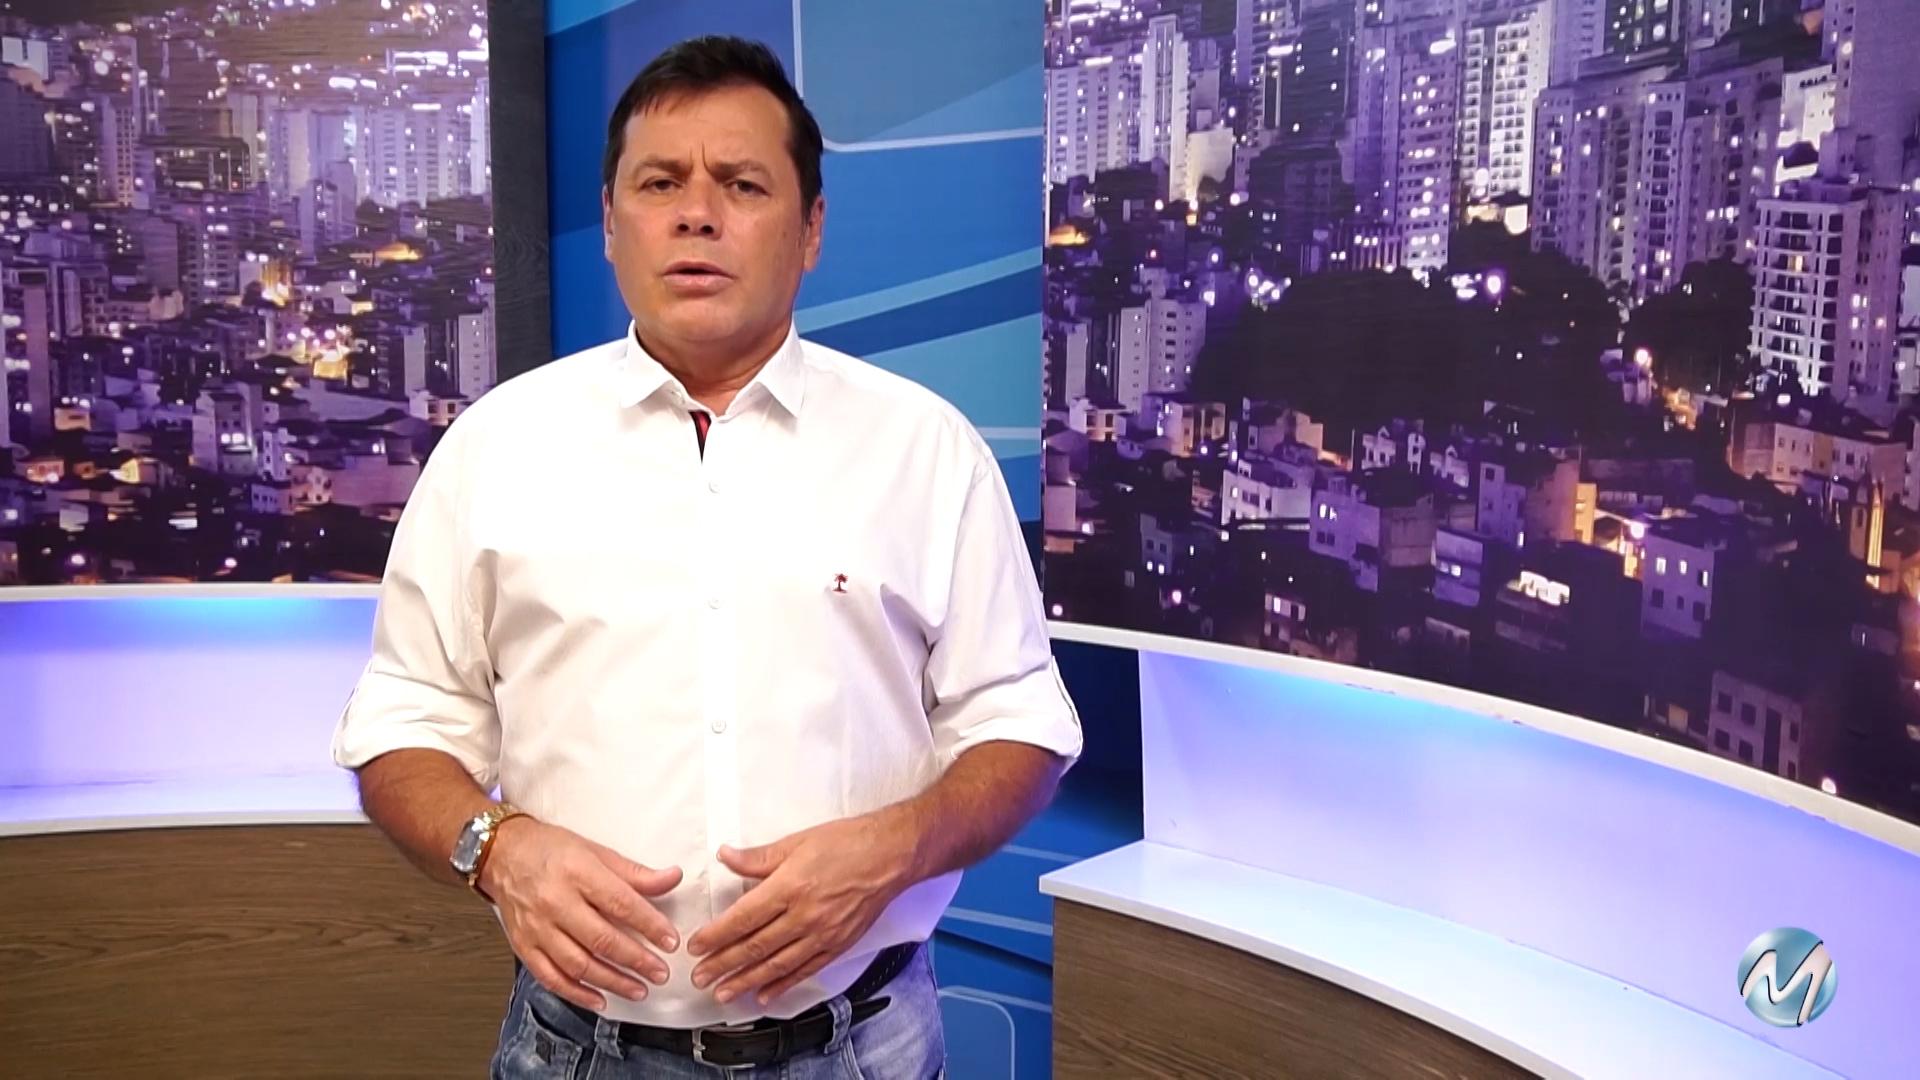 Fatos em Foco – 06/03/2021 – José Luiz Magrão traz as novidades do circuito social